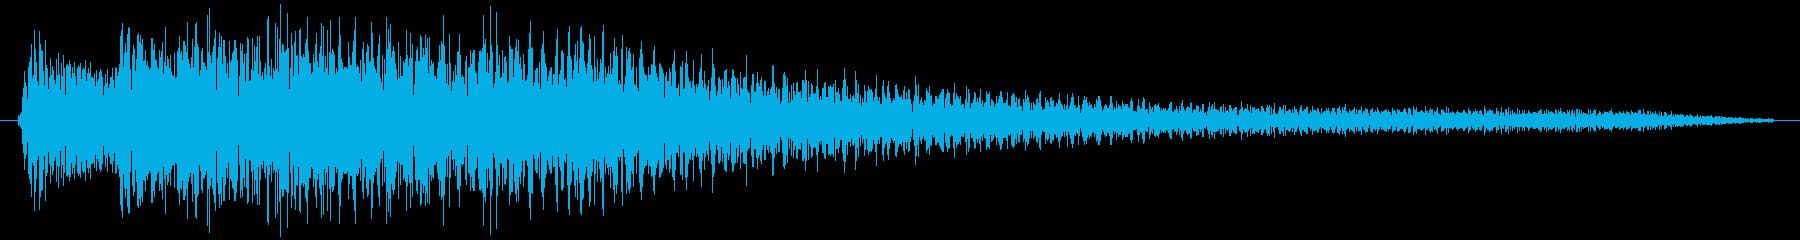 ホラー系の不気味な不協和音をピアノでの再生済みの波形